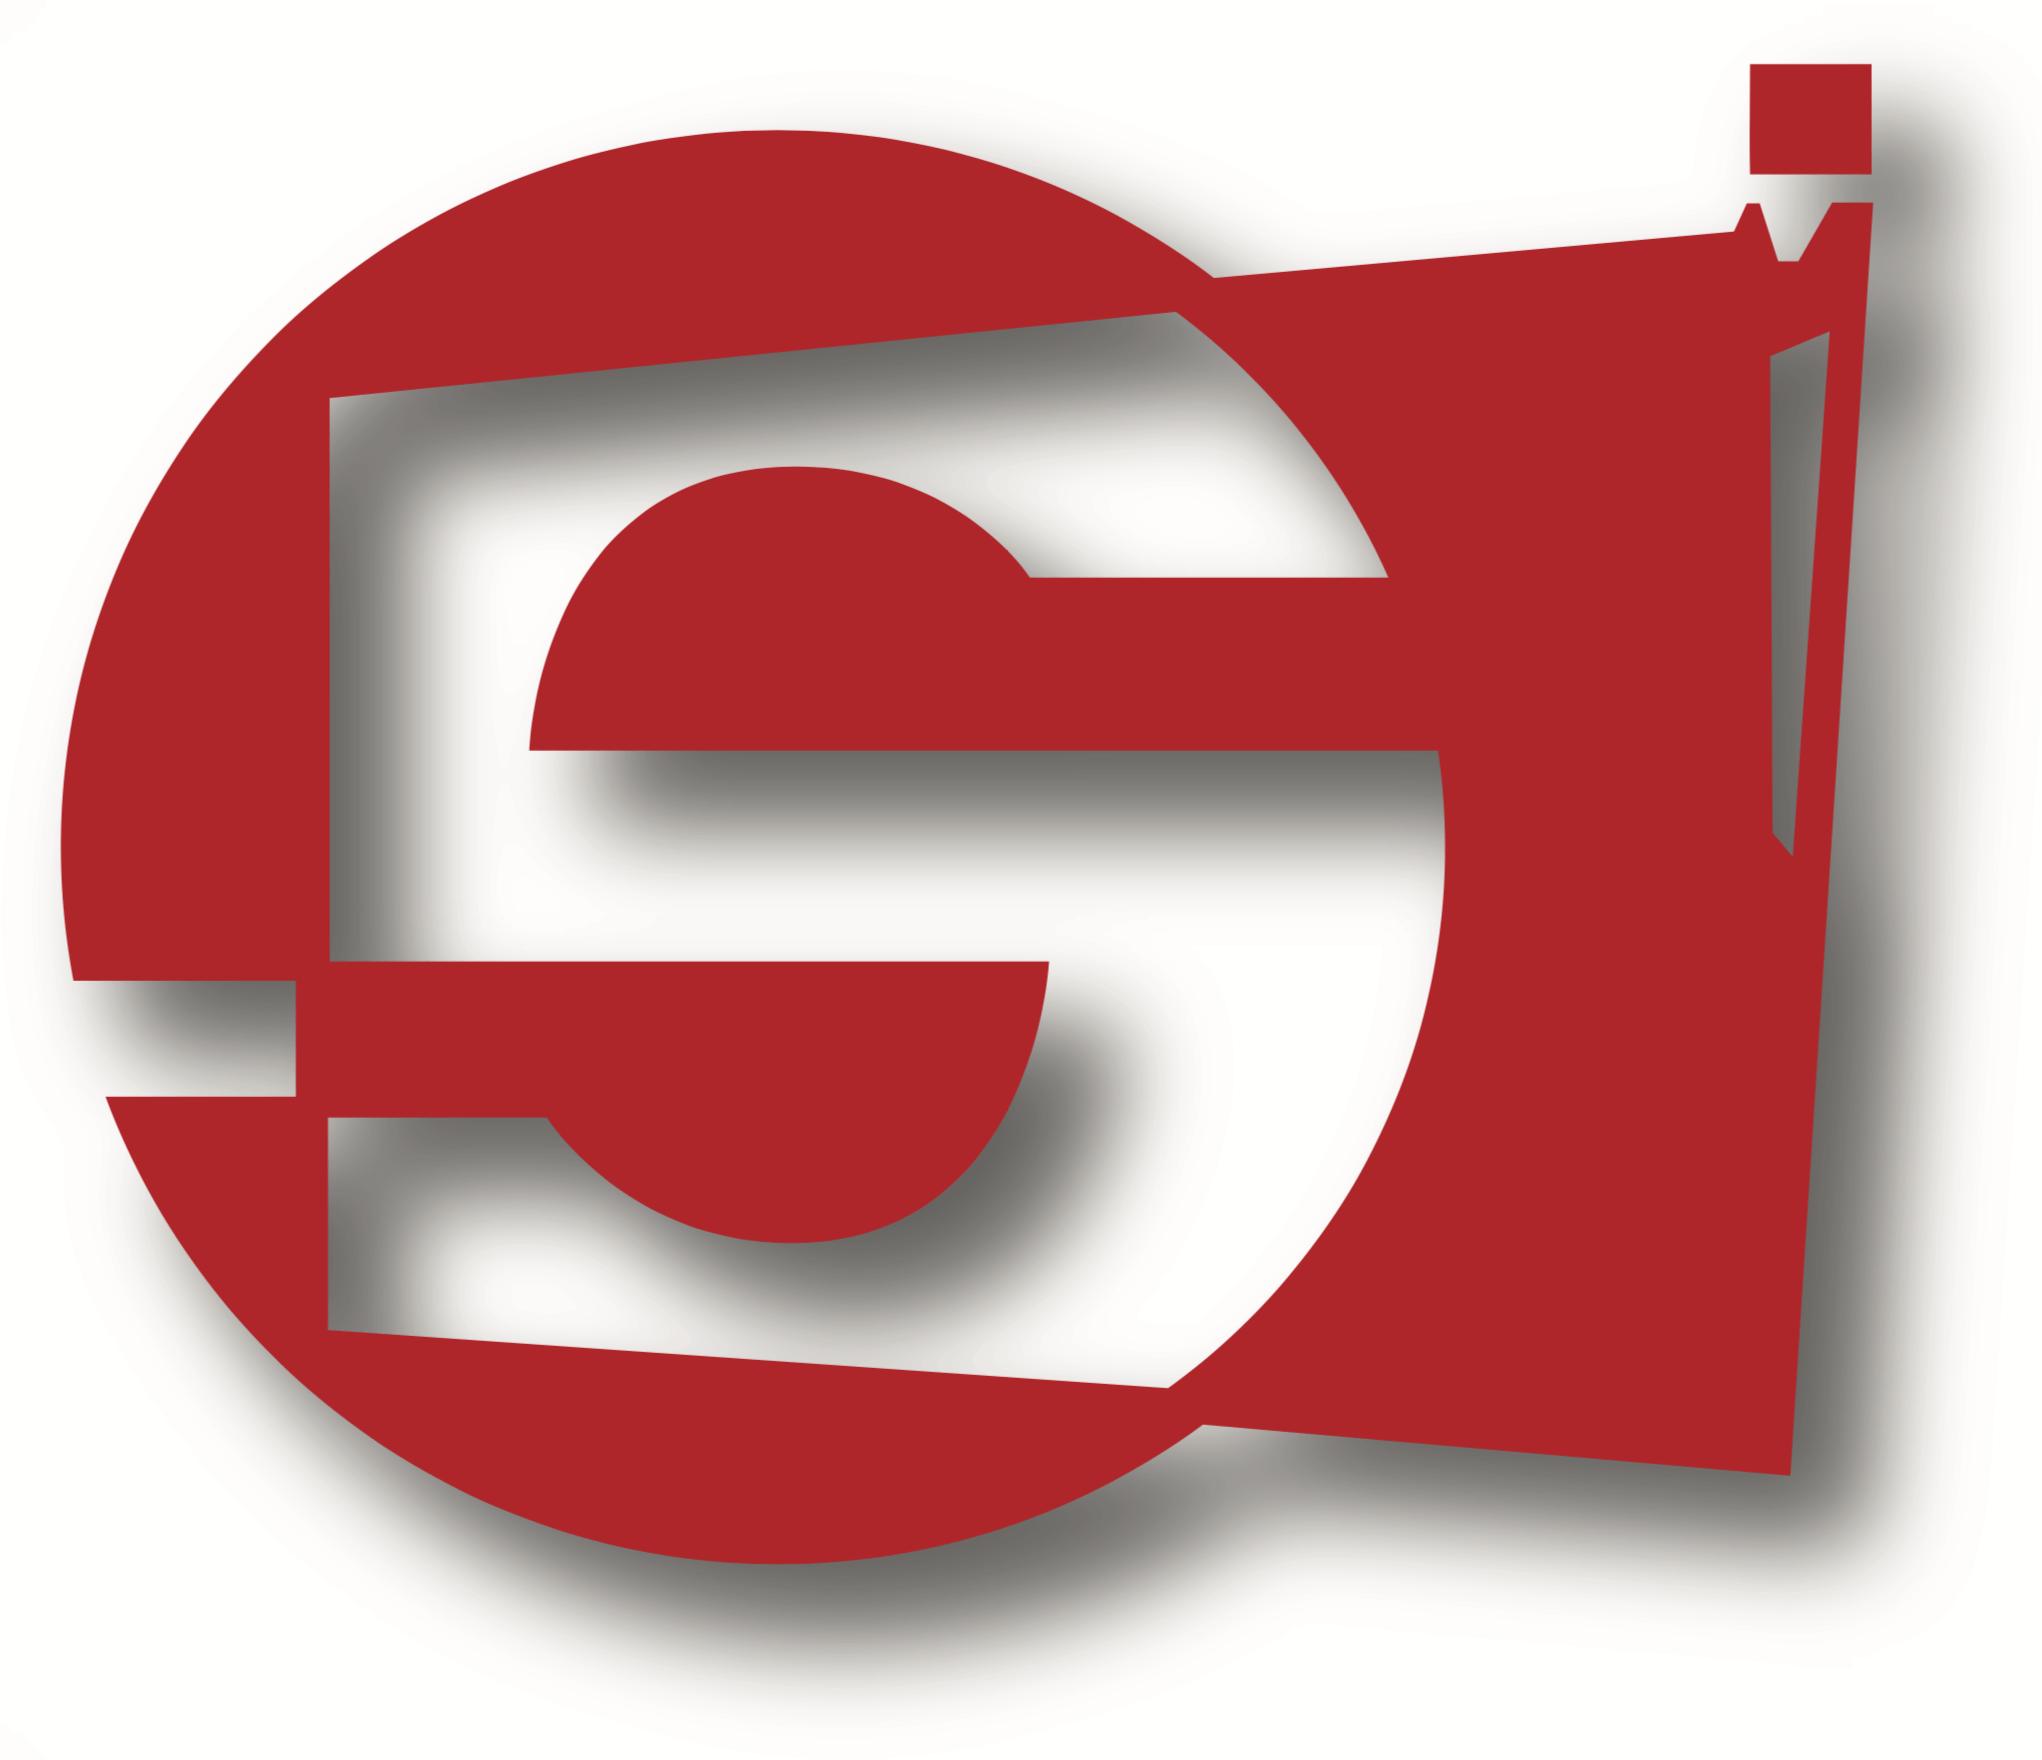 Werner Slavik GmbH-Malereibetrieb aus Salzburg | Werner Slavik GmbH-Malereibetrieb aus Wals in Salzburg-ist ihr Ansprechpartner für Innen- und Außenmalerein-Farbberatung und Feng Shui-Tapeten und Zierprofile-Fassaden und Balkone-verschiedenste Bodenbeläge-und Sanierungen